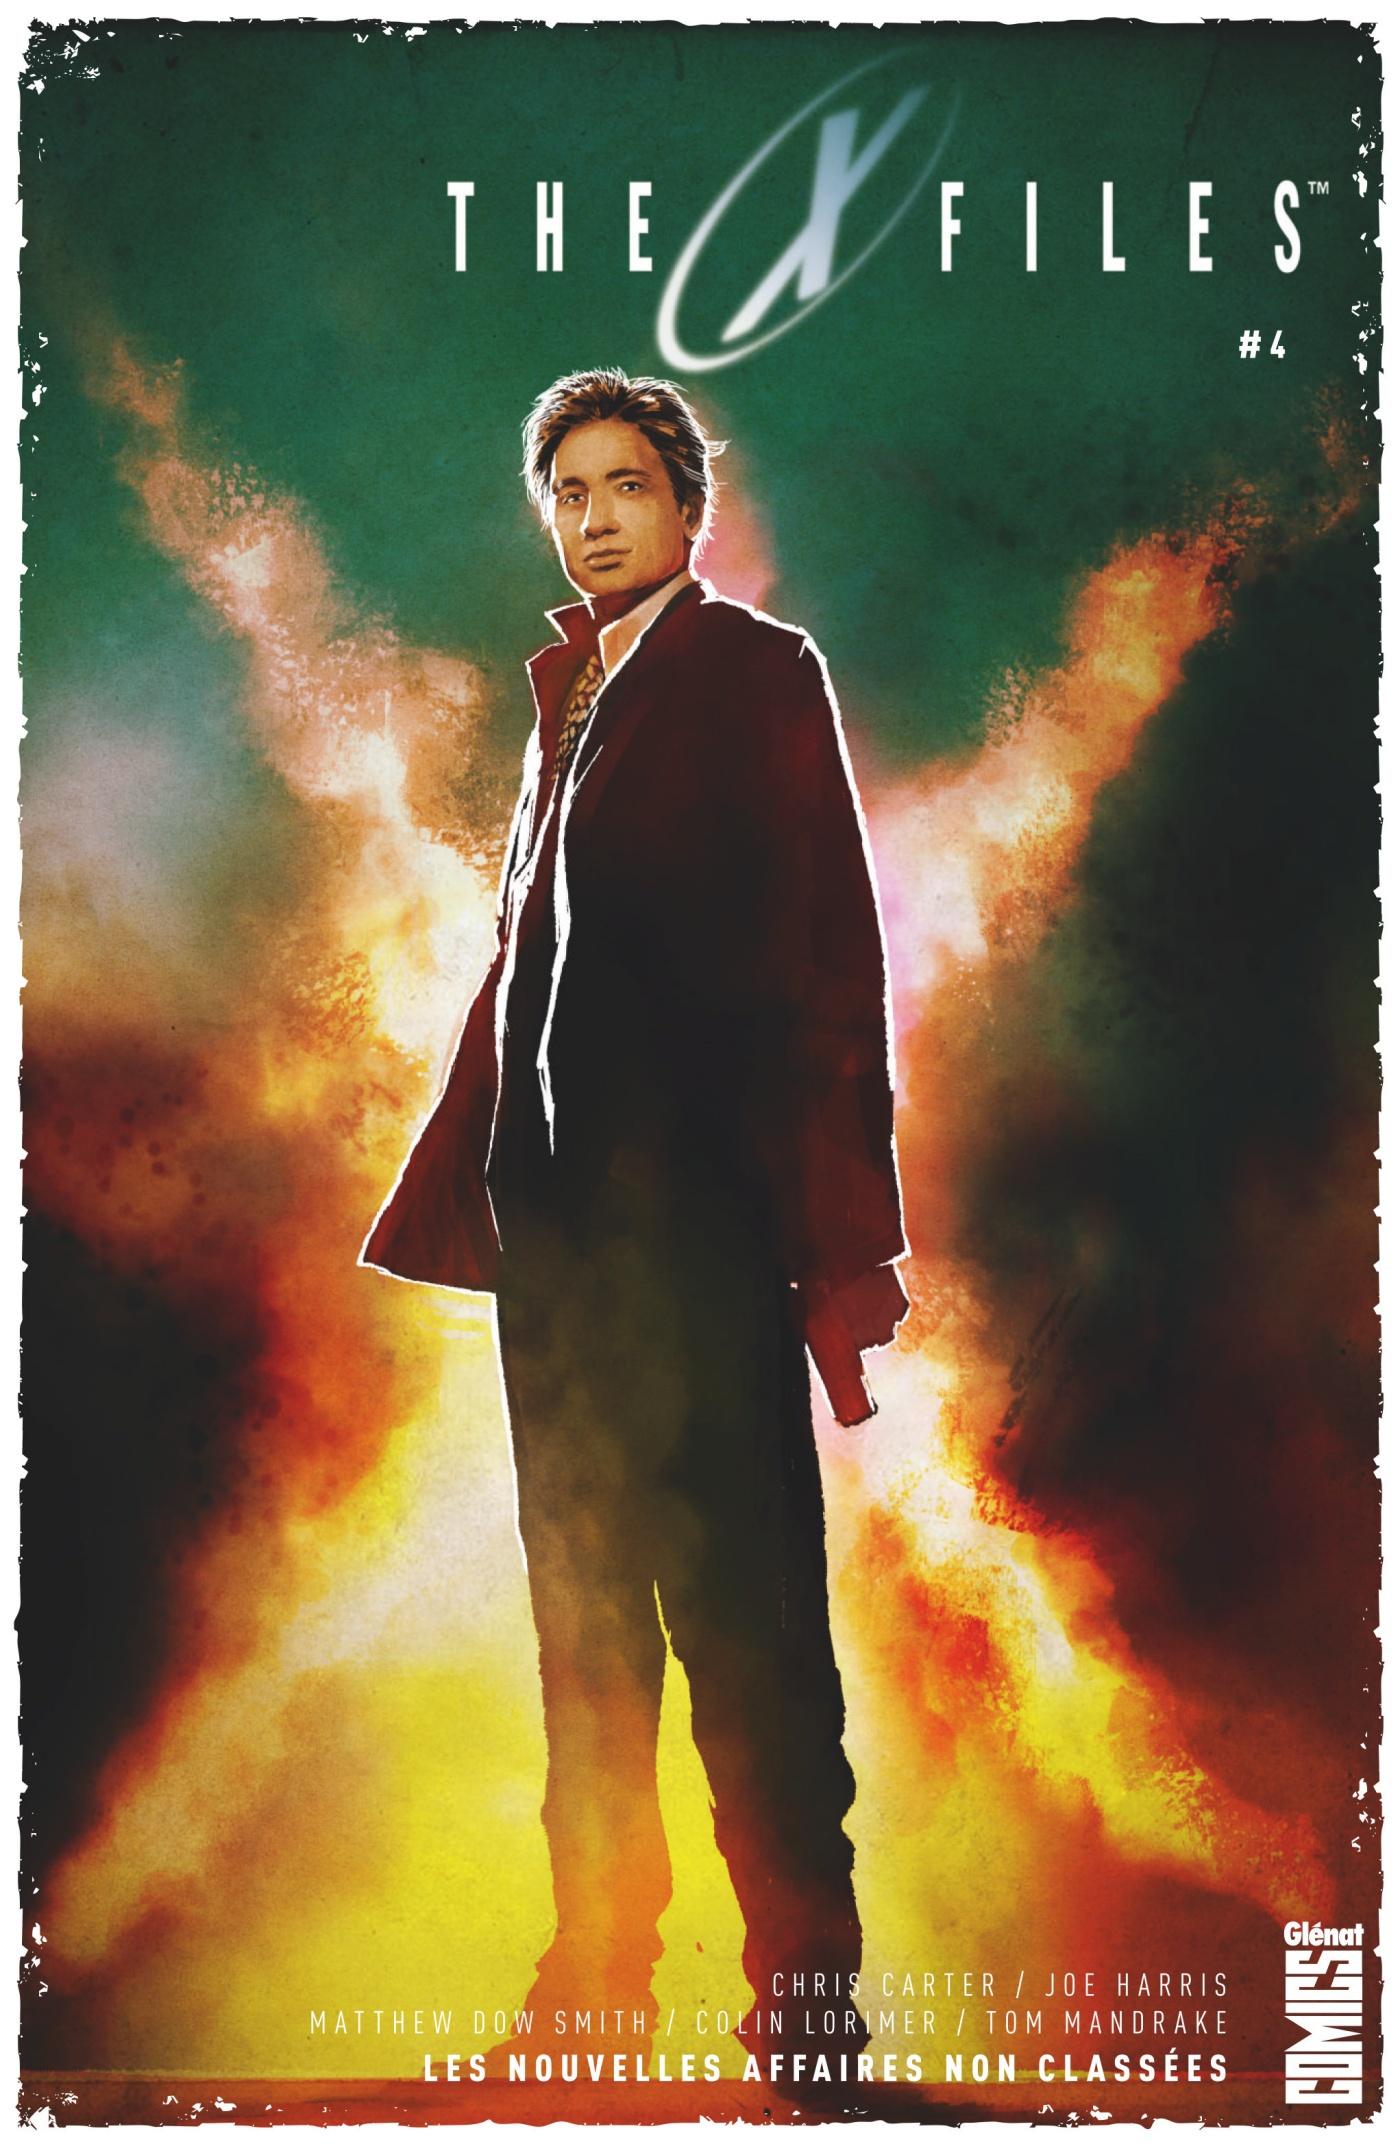 The X-Files 4 - Les nouvelles affaires non classées